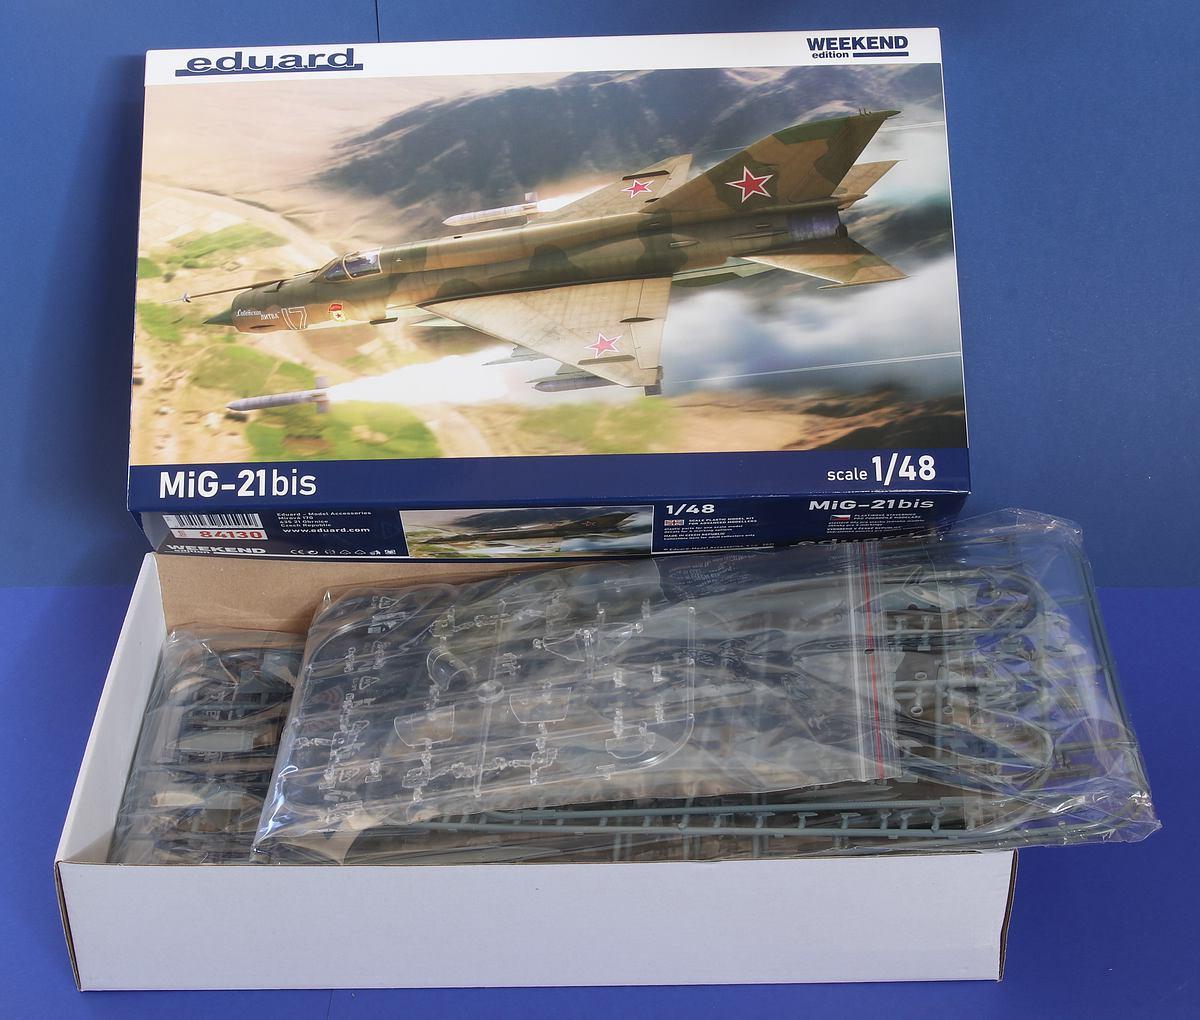 Eduard-84130-MiG-21-Bis-WEEKEND-3 MiG-21 Bis WEEKEND in 1:48 von Eduard #84130